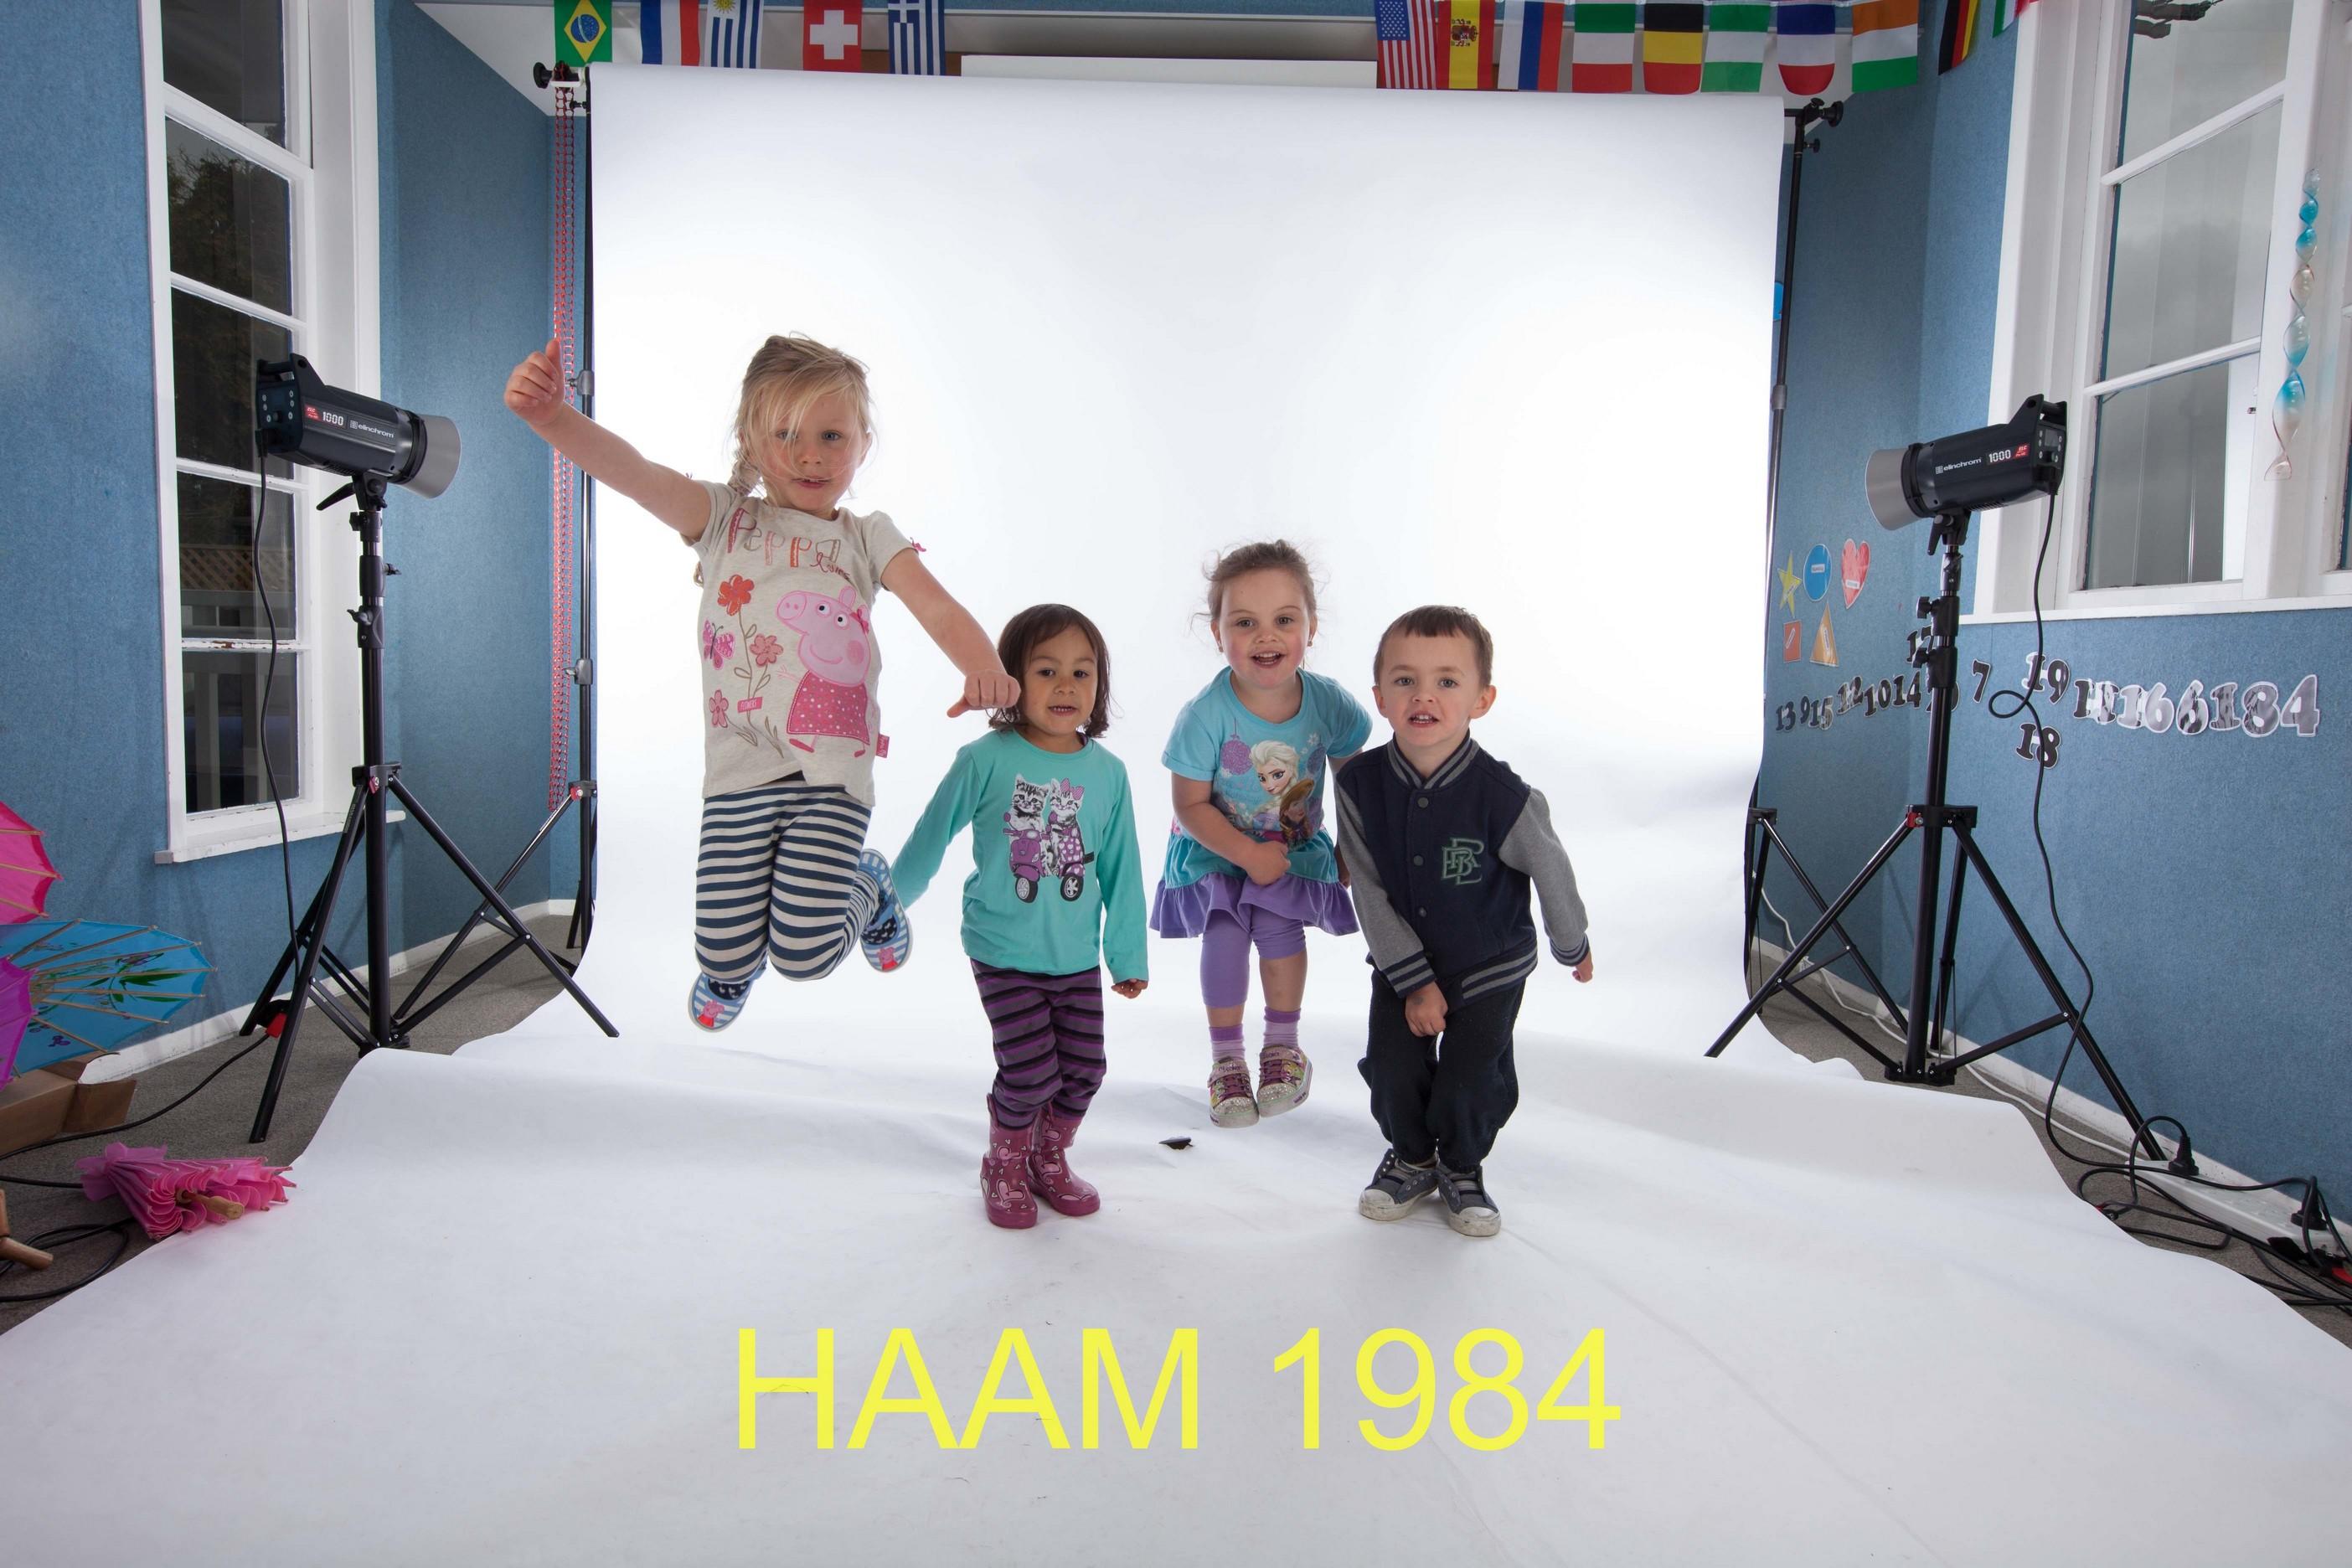 HAAM 1984